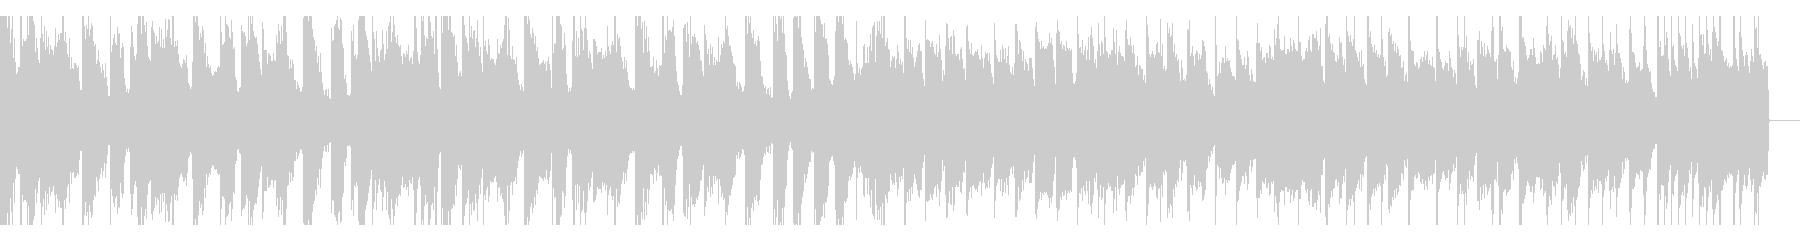 動画向けループ用のエレクトロハウスの未再生の波形